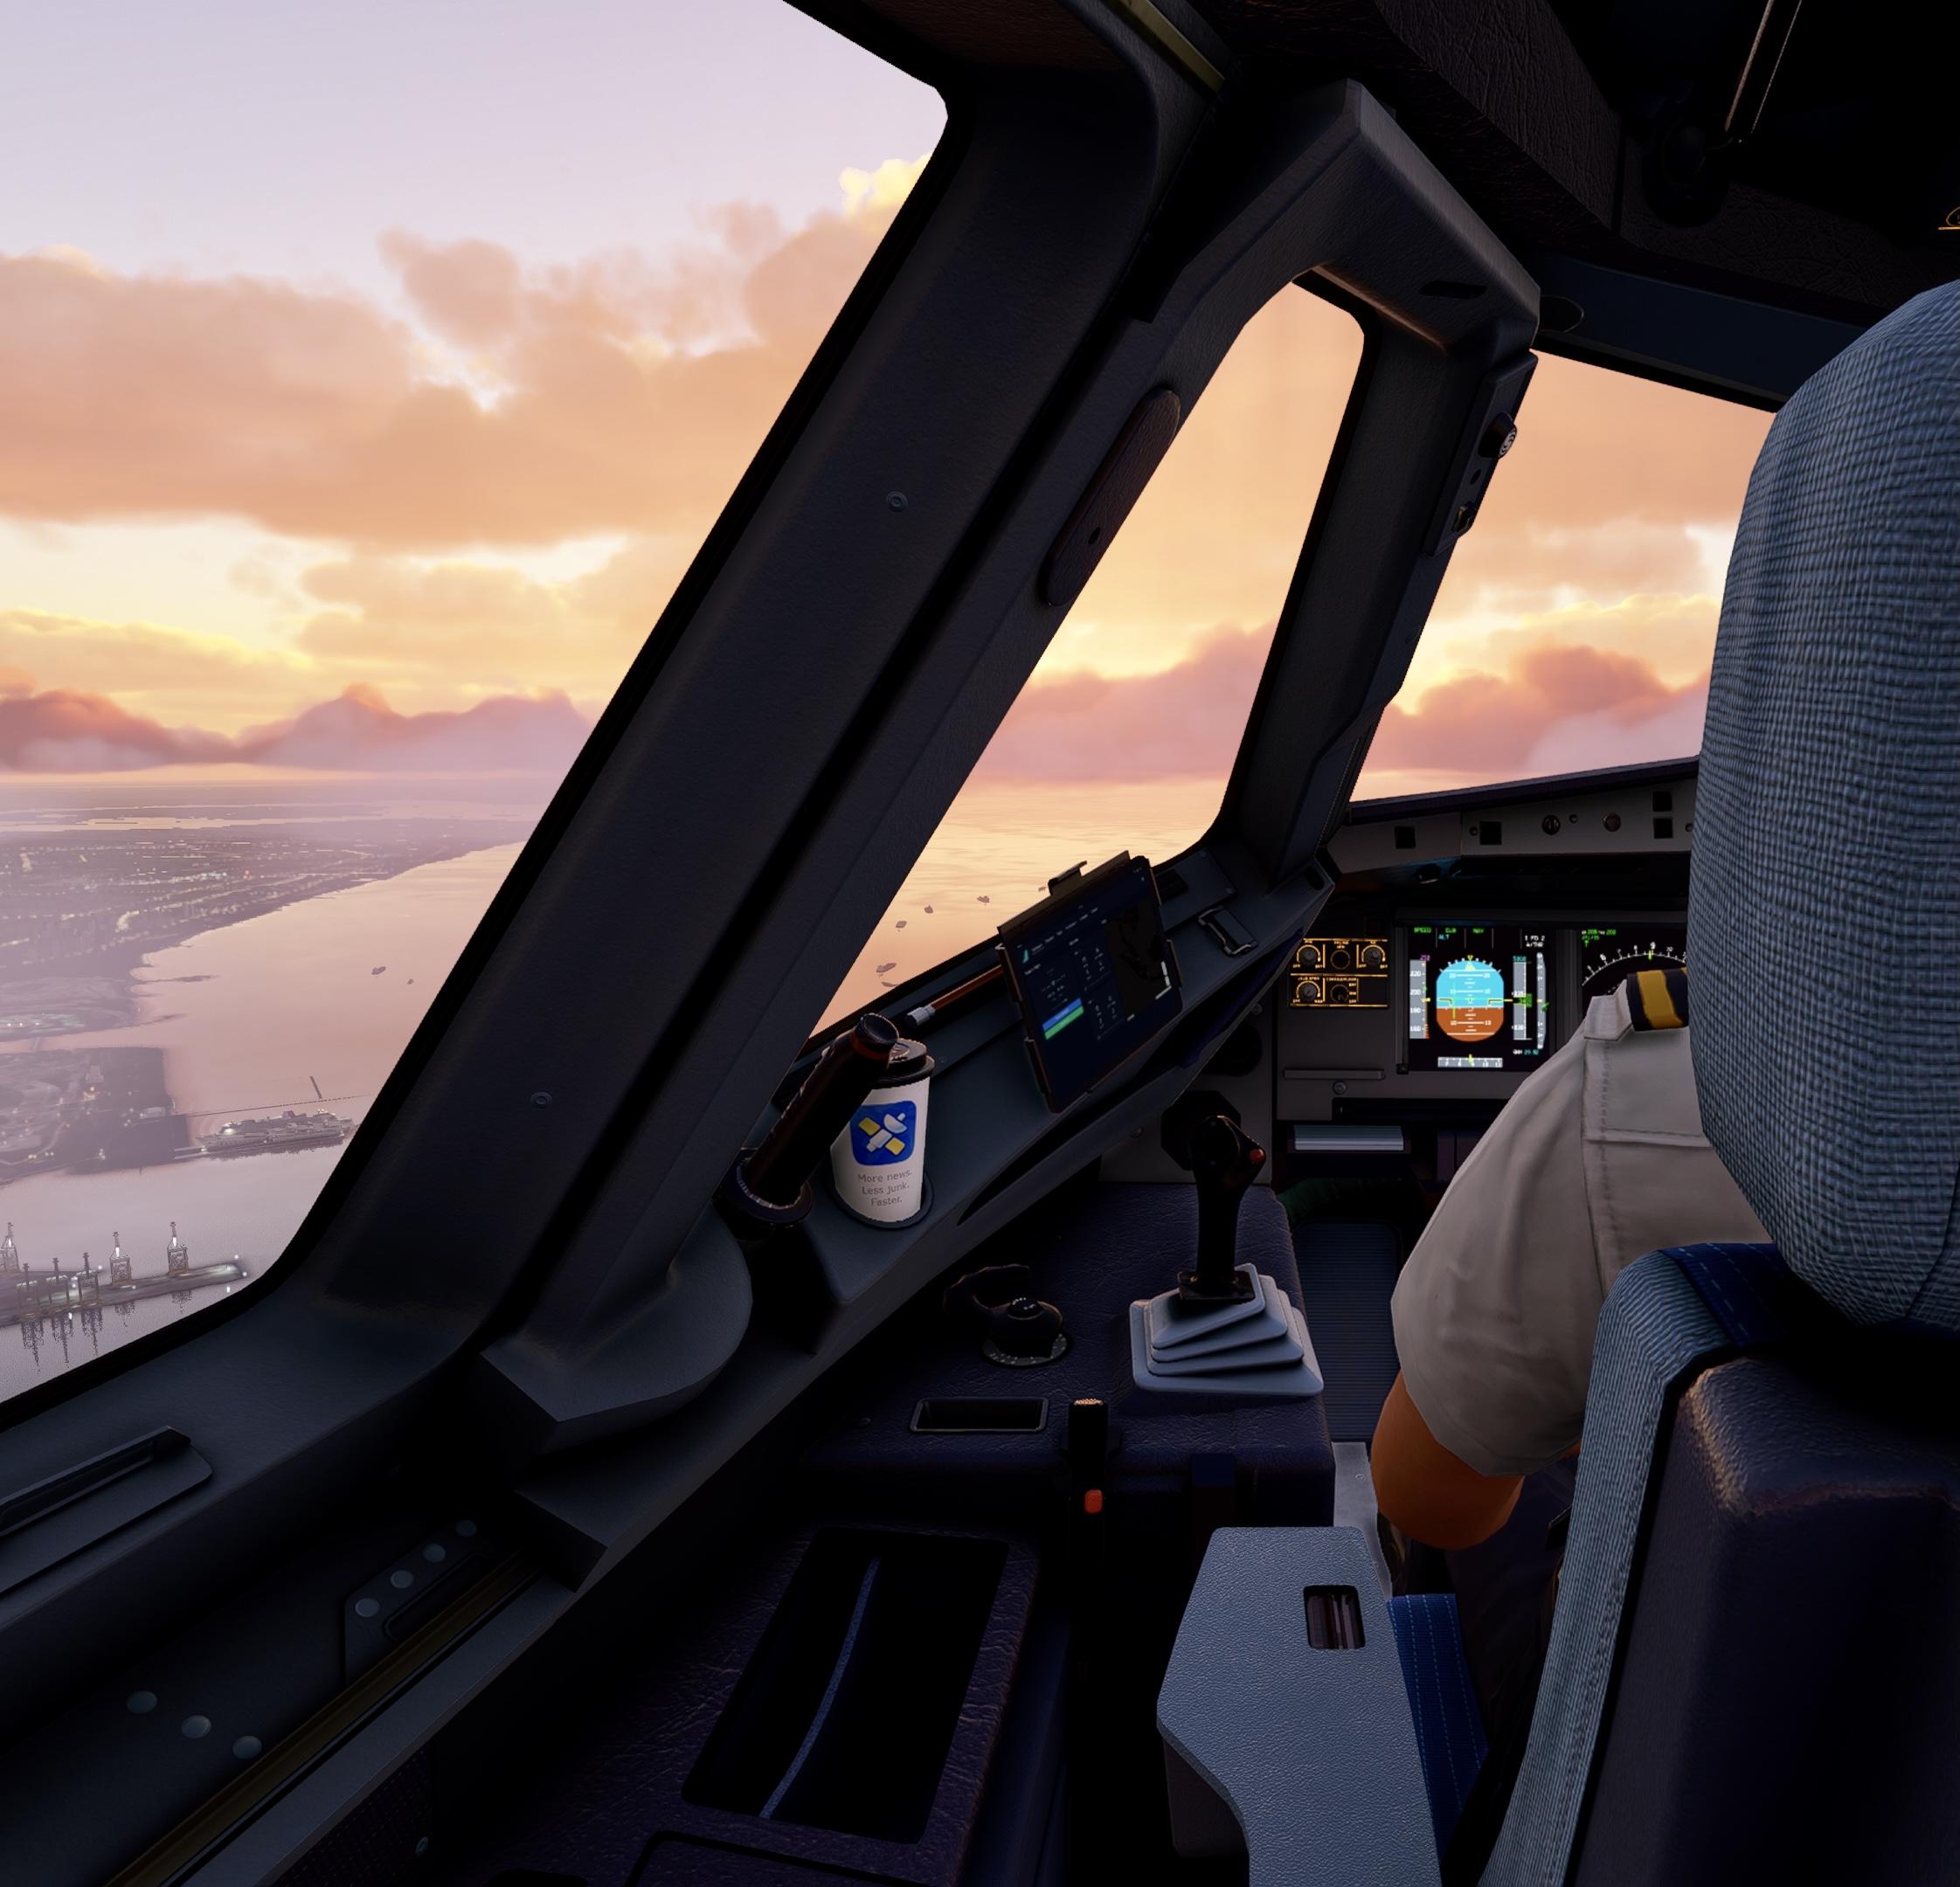 NetNewsWire Flight Deck Cup